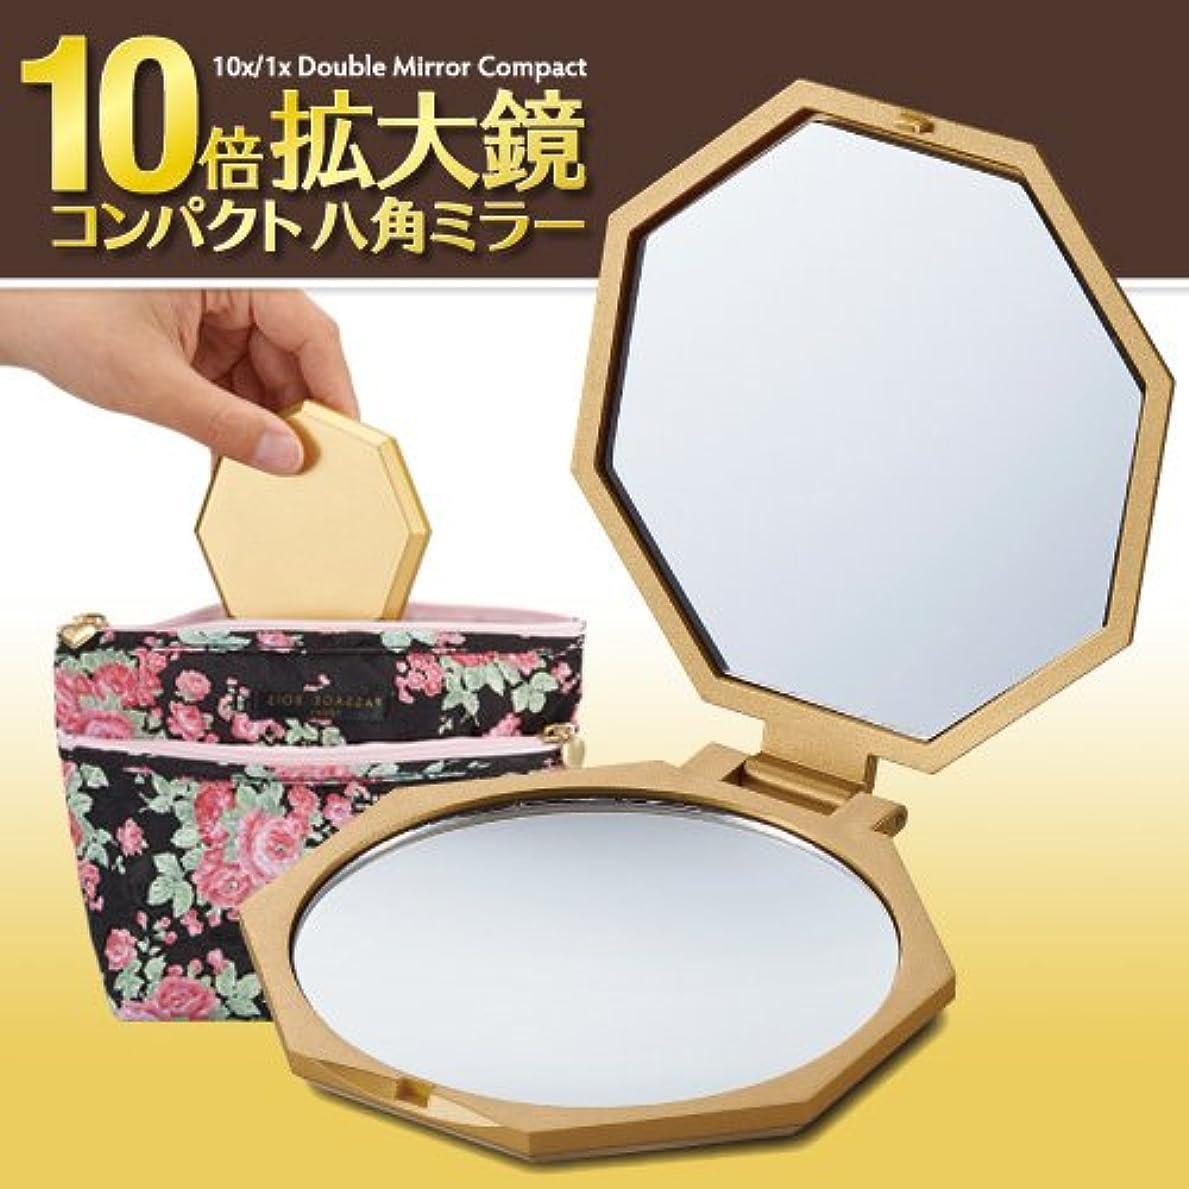 黒人含める作ります八角形×金色の風水デザイン コンパクトな10倍拡大鏡付きミラー【携帯ミラー アイメイクなどの細かいお化粧用鏡】